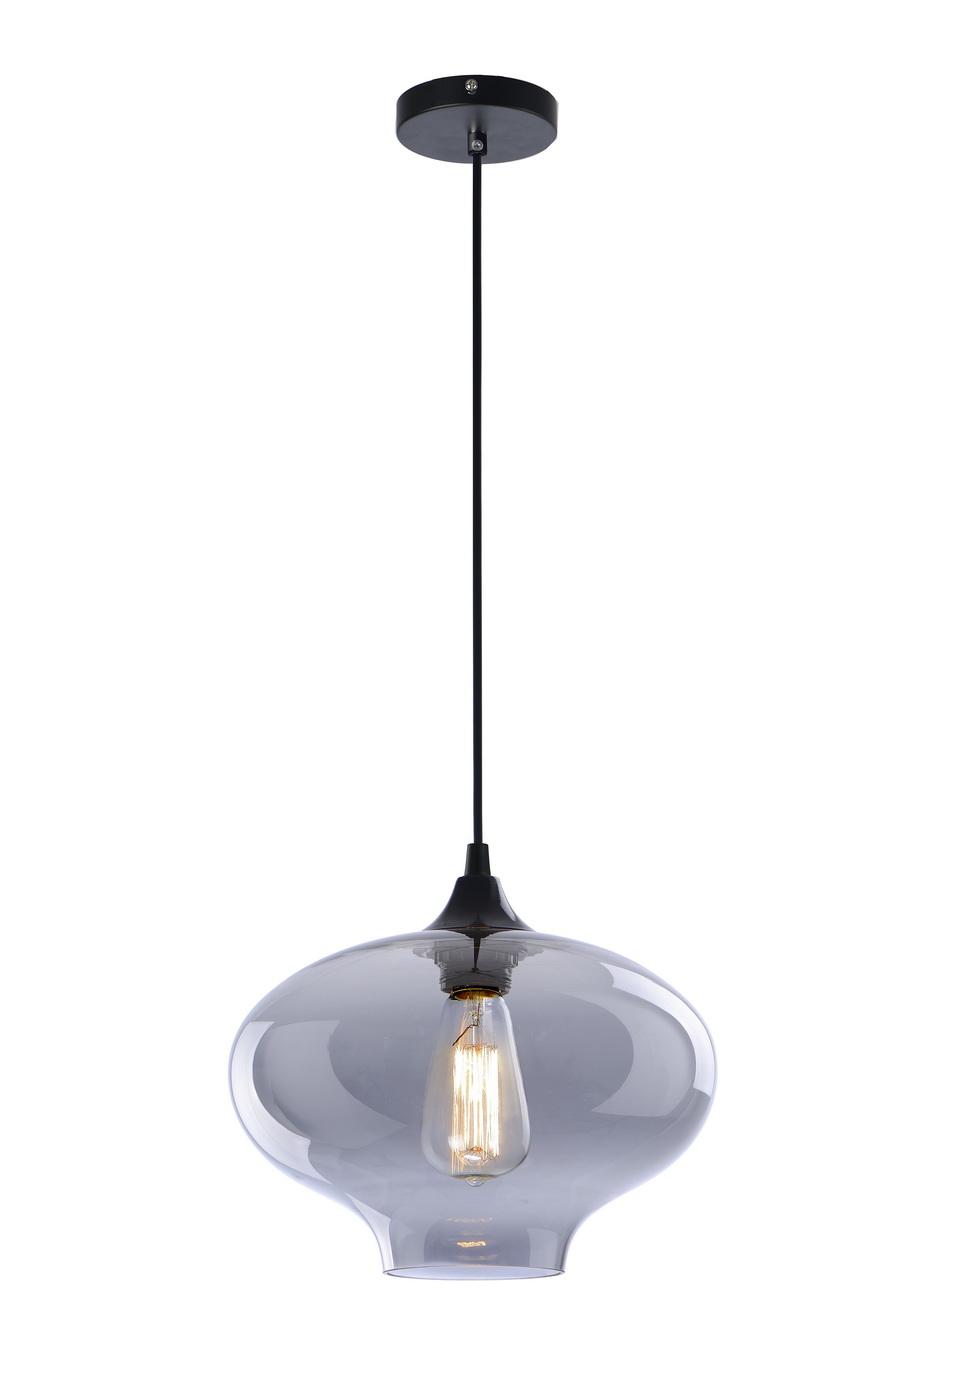 {} CRYSTAL LIGHT Светильник подвесной Stargazer Цвет: Серый (24х28 см) crystal light светильник подвесной copacabana 20х40 см